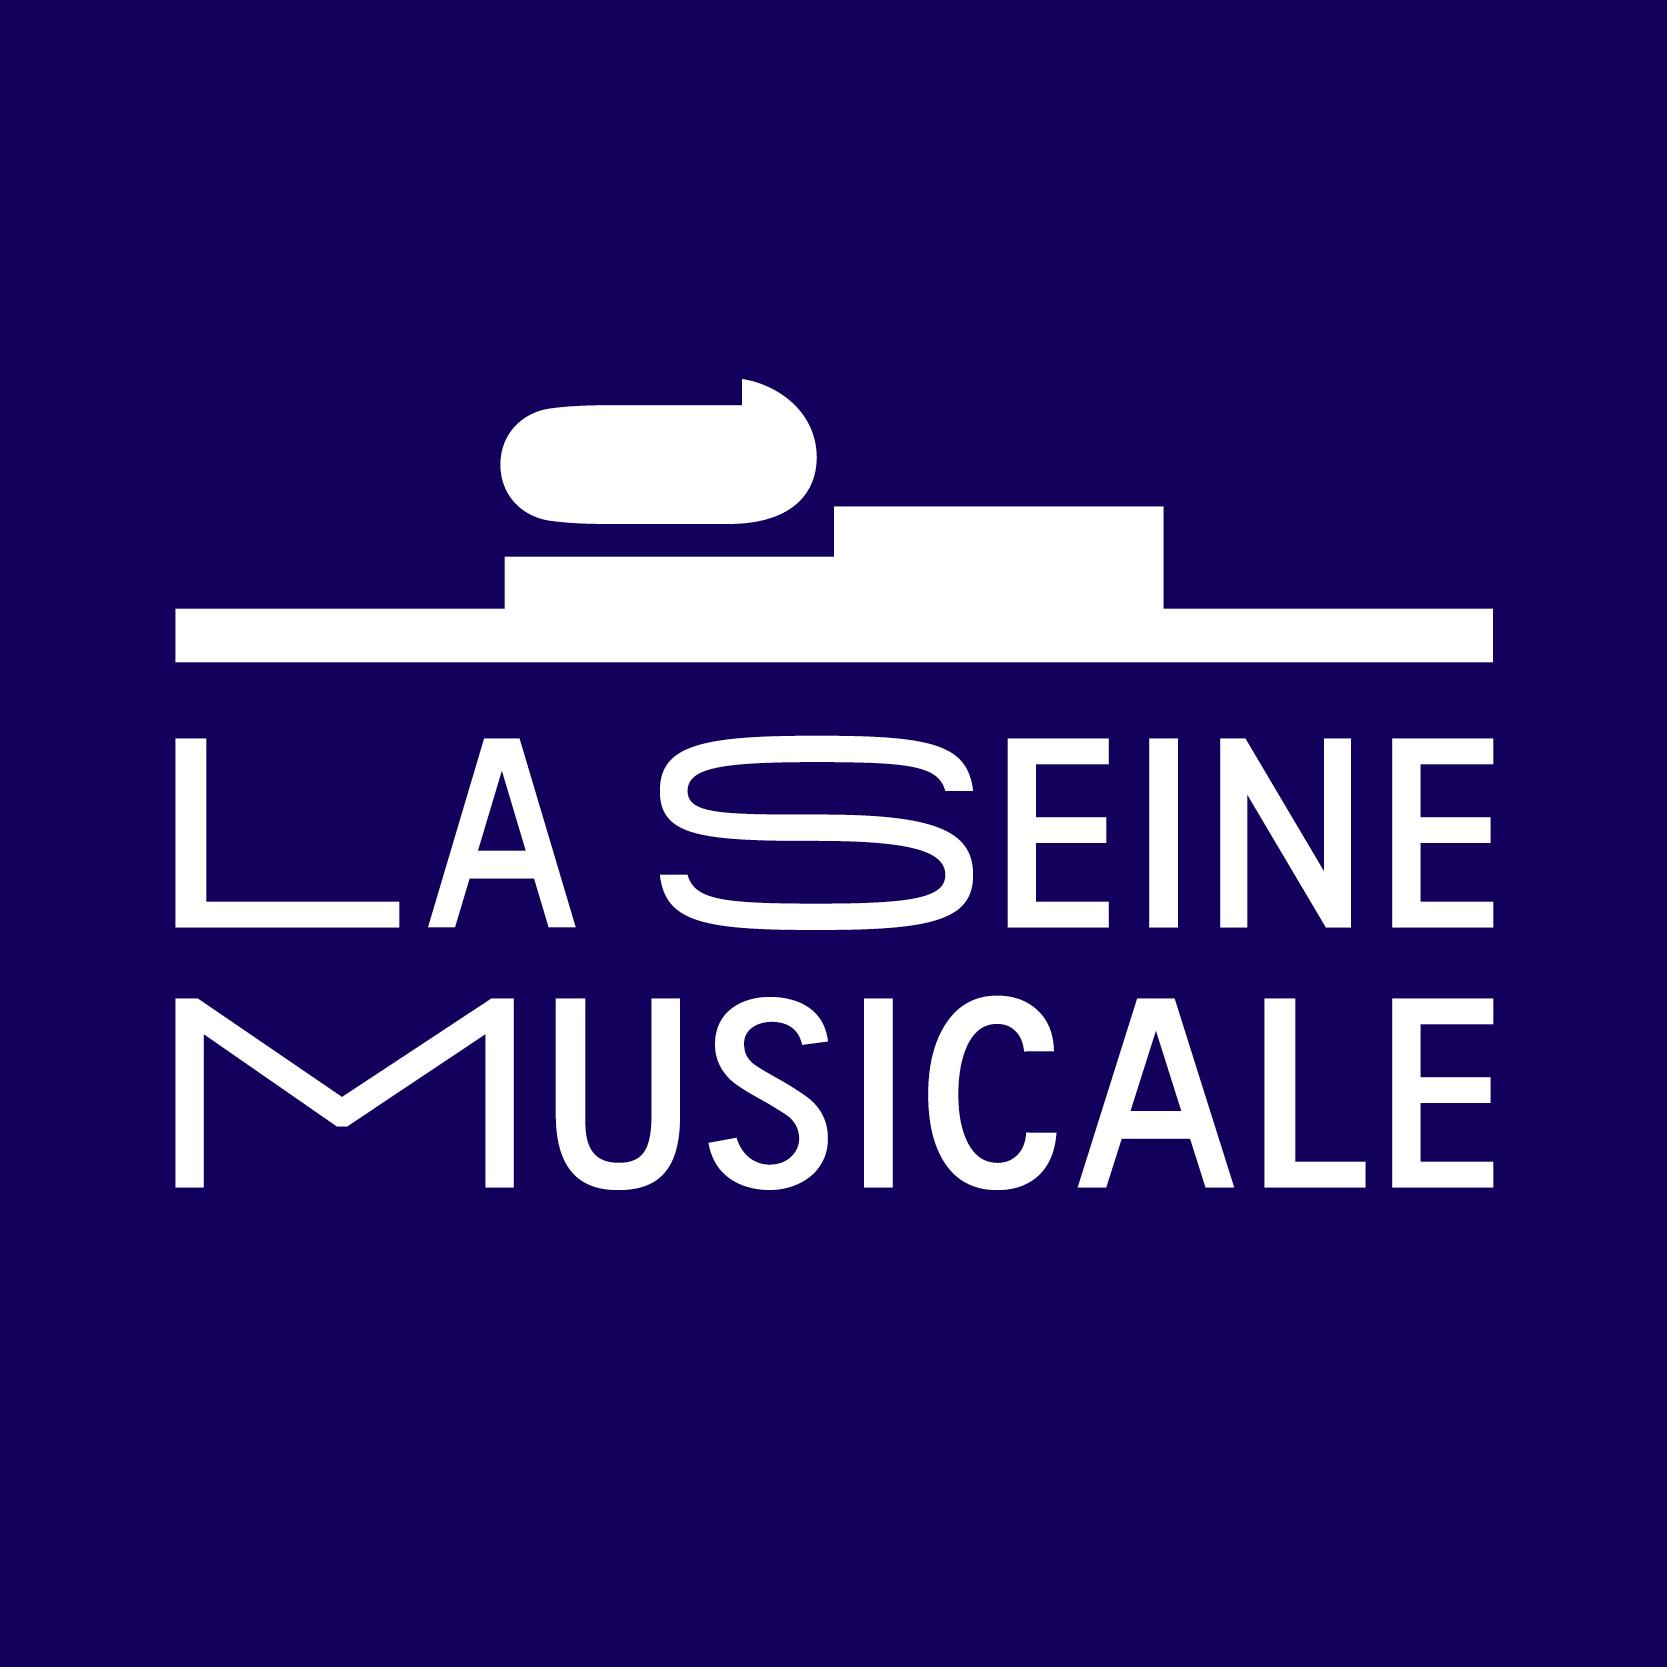 La Seine Musicale Tickets